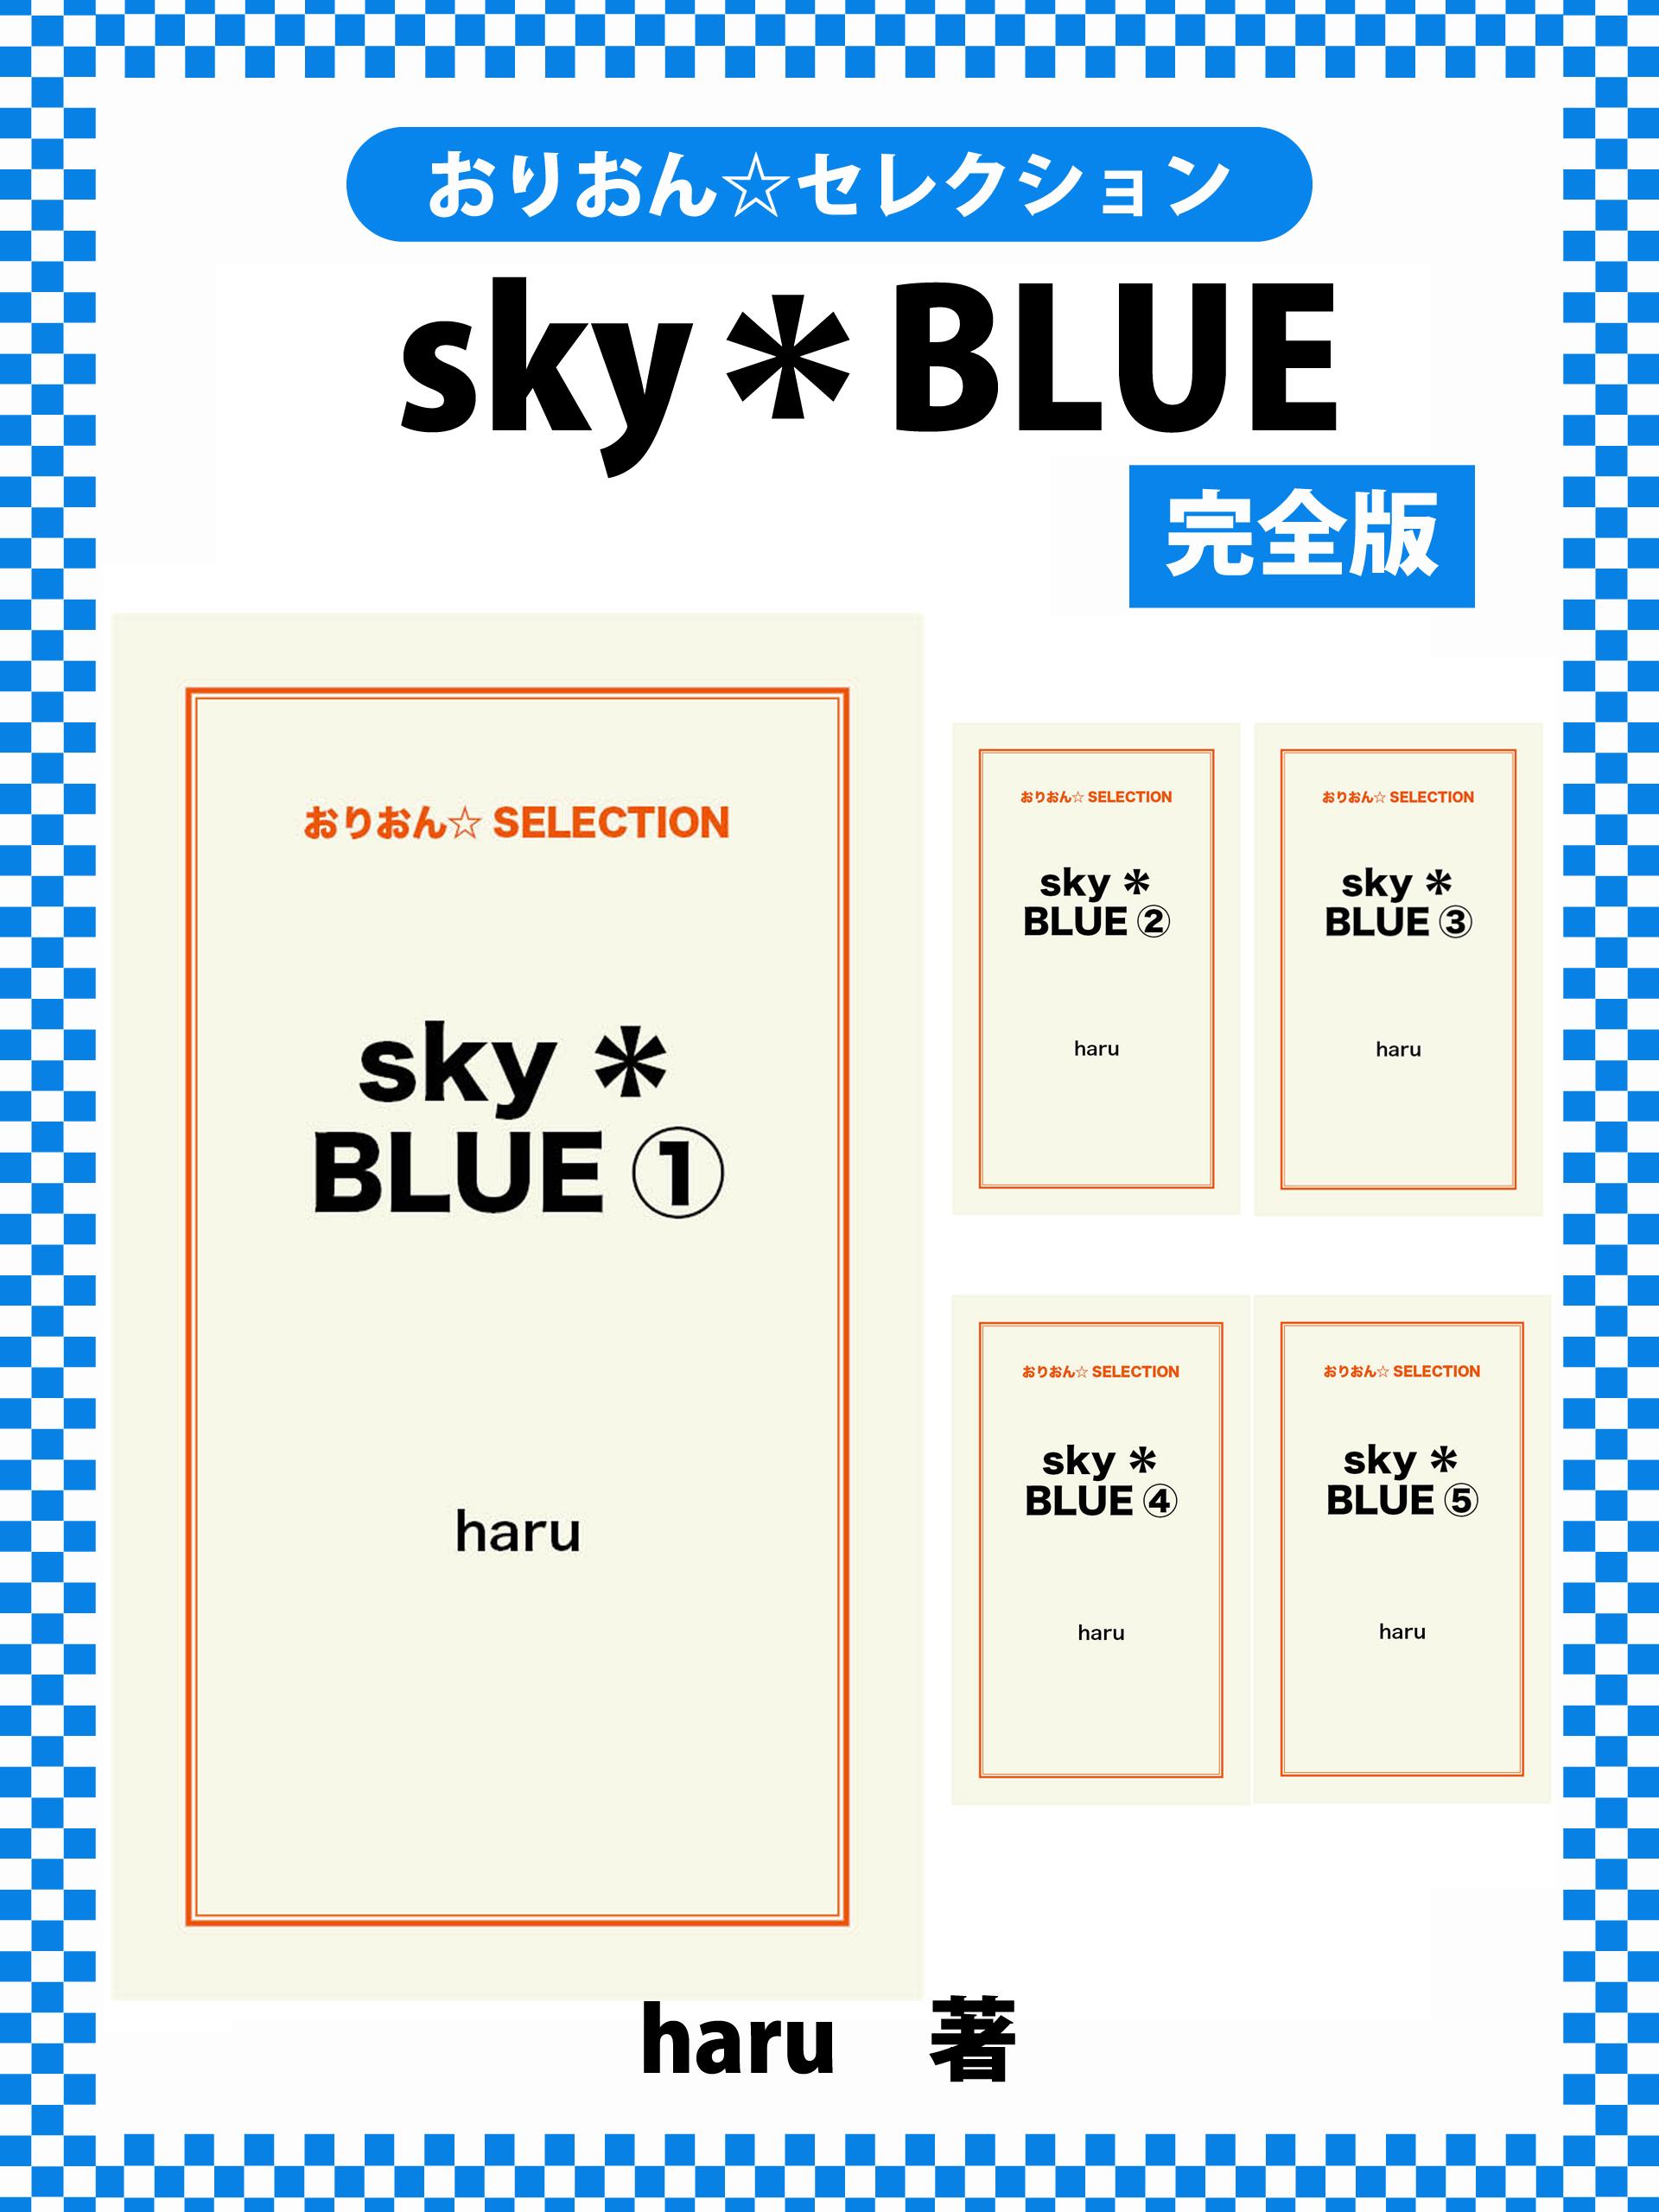 sky*BLUE 完全版